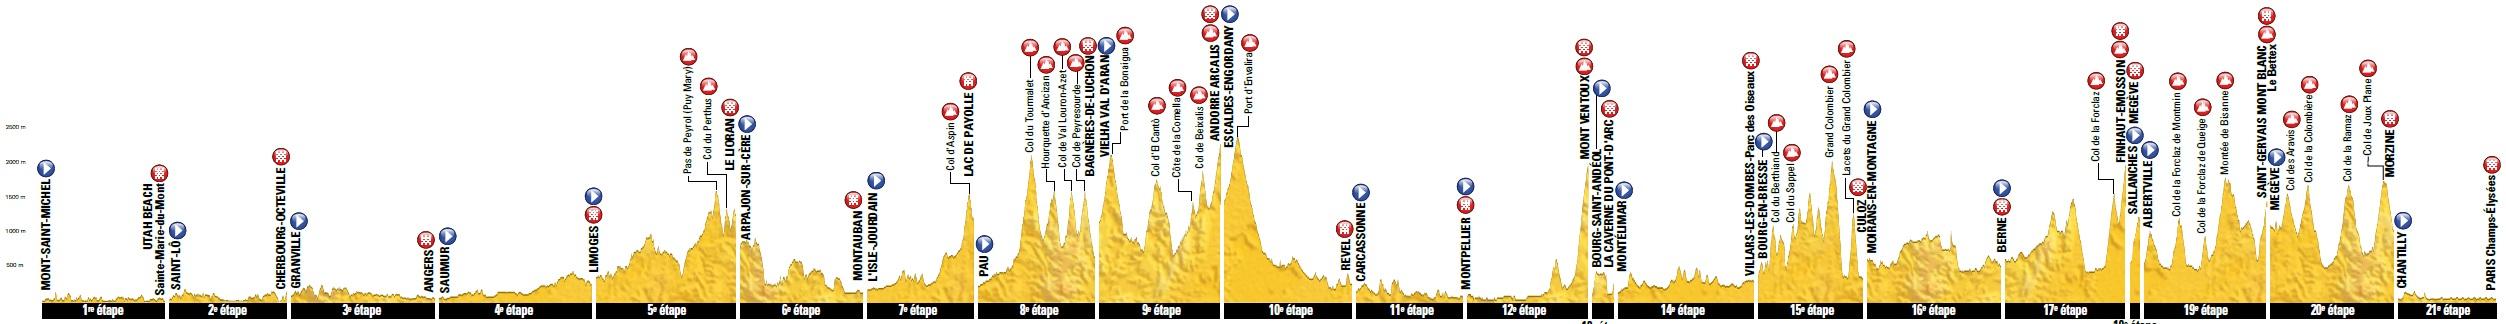 Höhenprofil Tour de France 2016, alle Etappen auf einen Blick